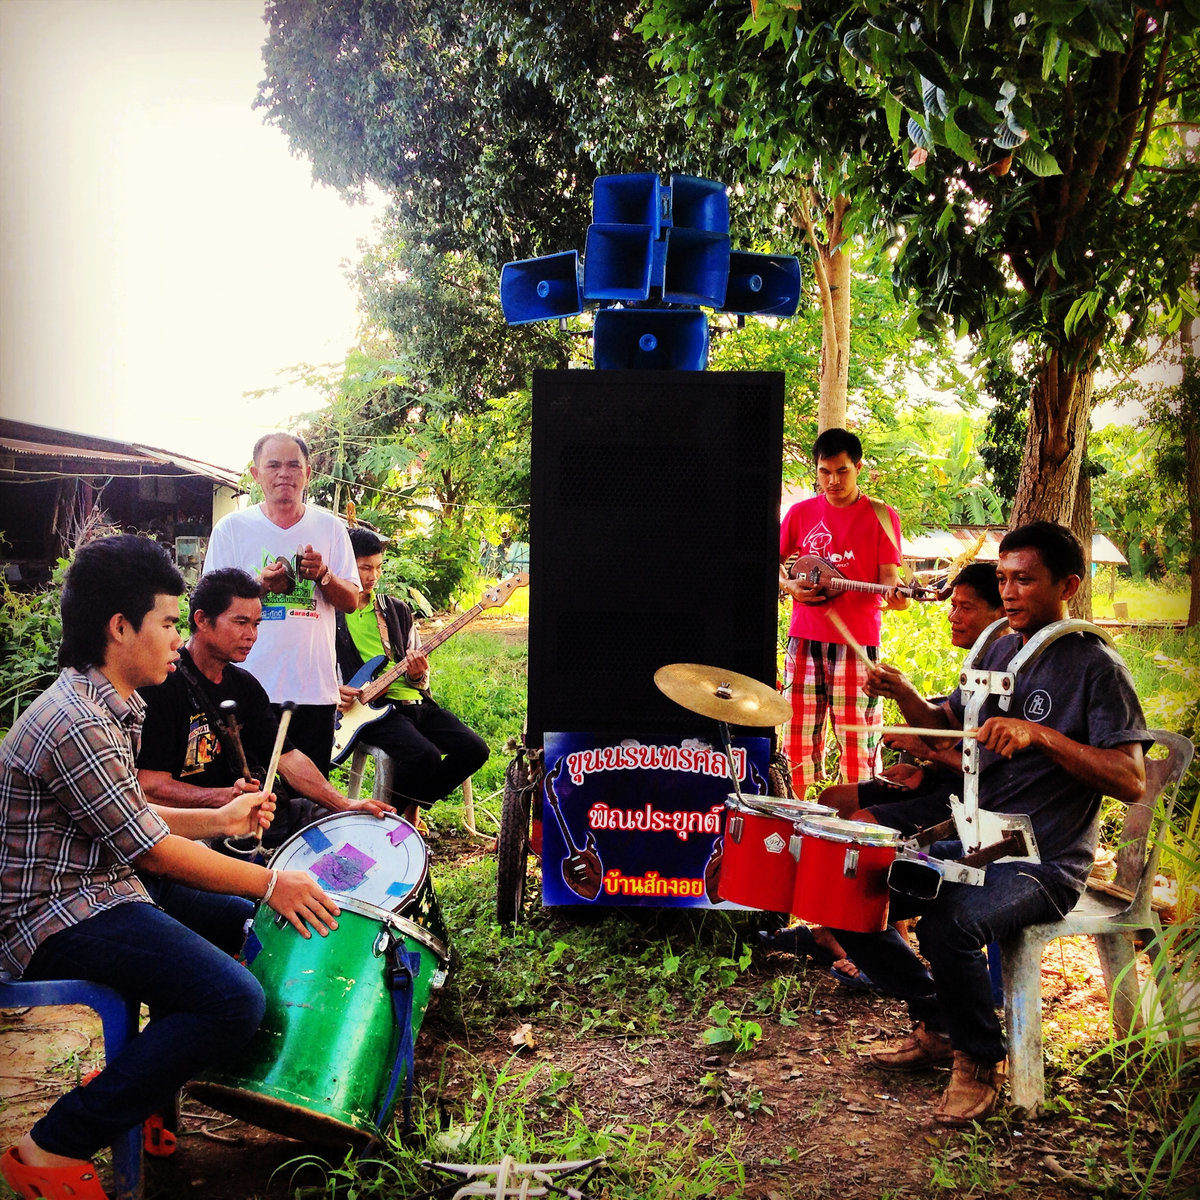 В Лаосе всегда солнечно: калейдоскоп звучания Юго-Восточной Азии 2